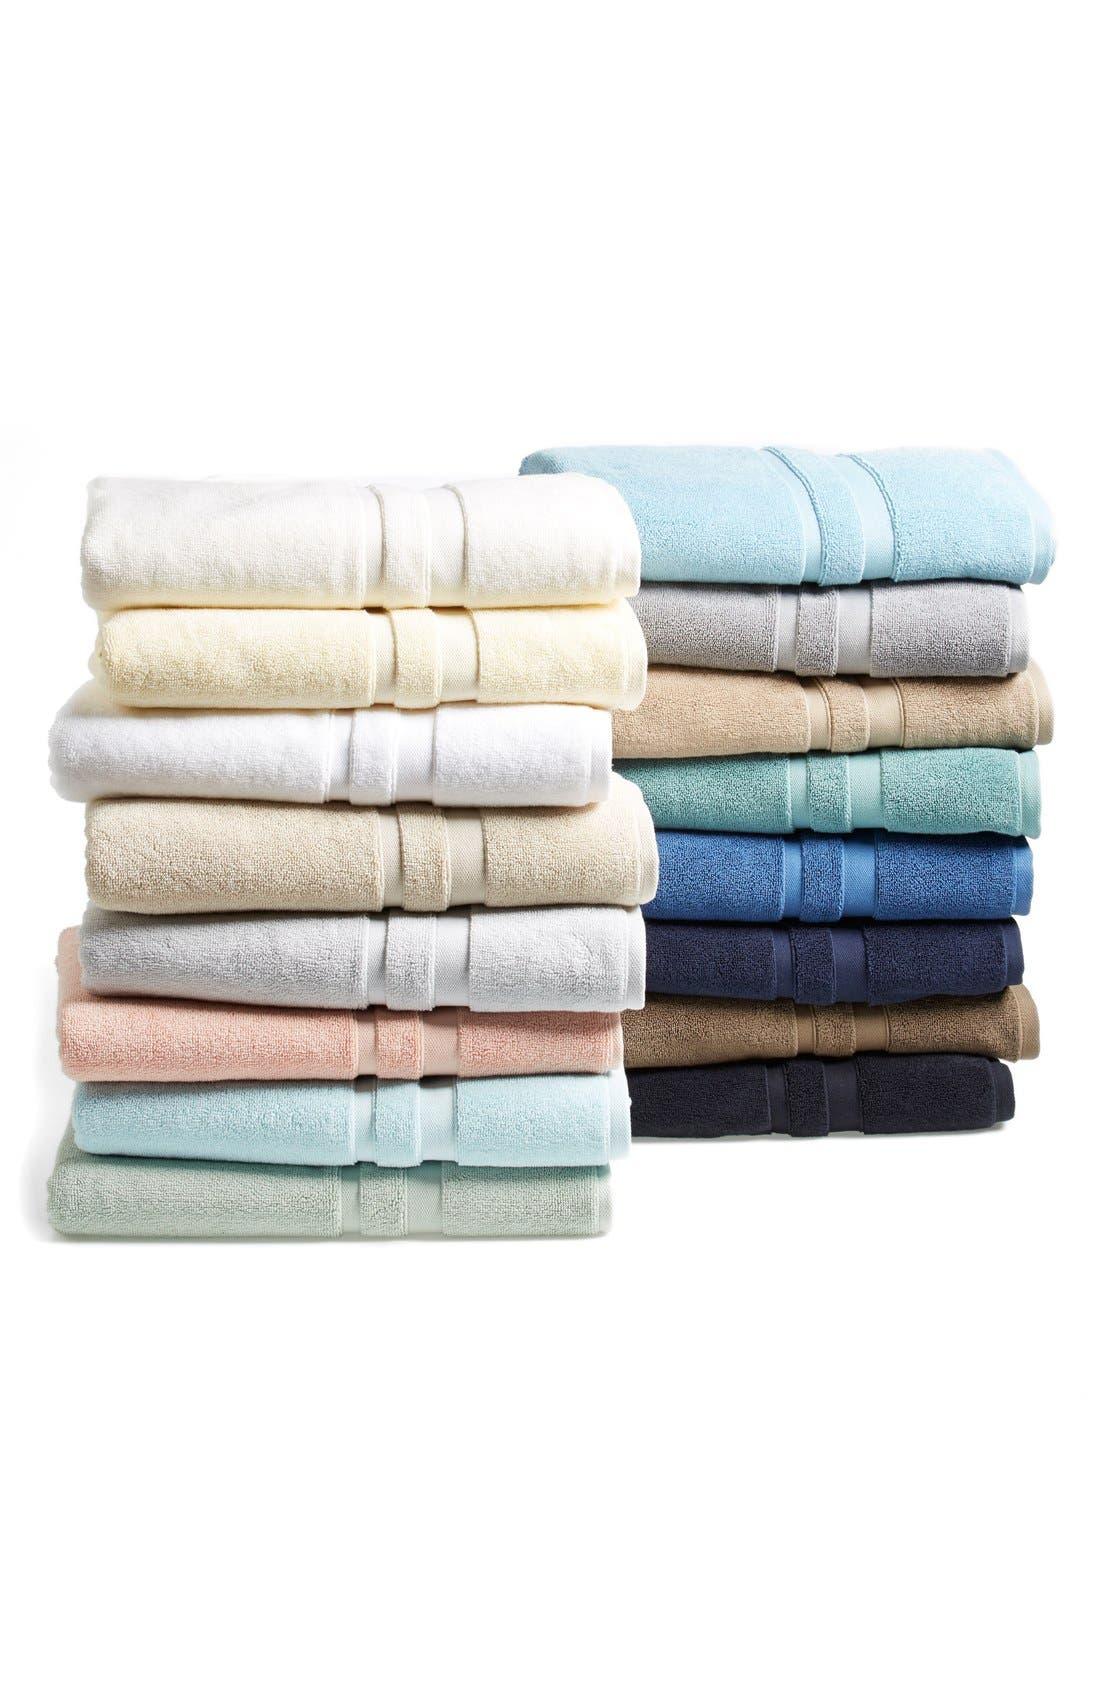 Alternate Image 3  - Waterworks Studio 'Perennial' Turkish Cotton Bath Towel (Online Only)